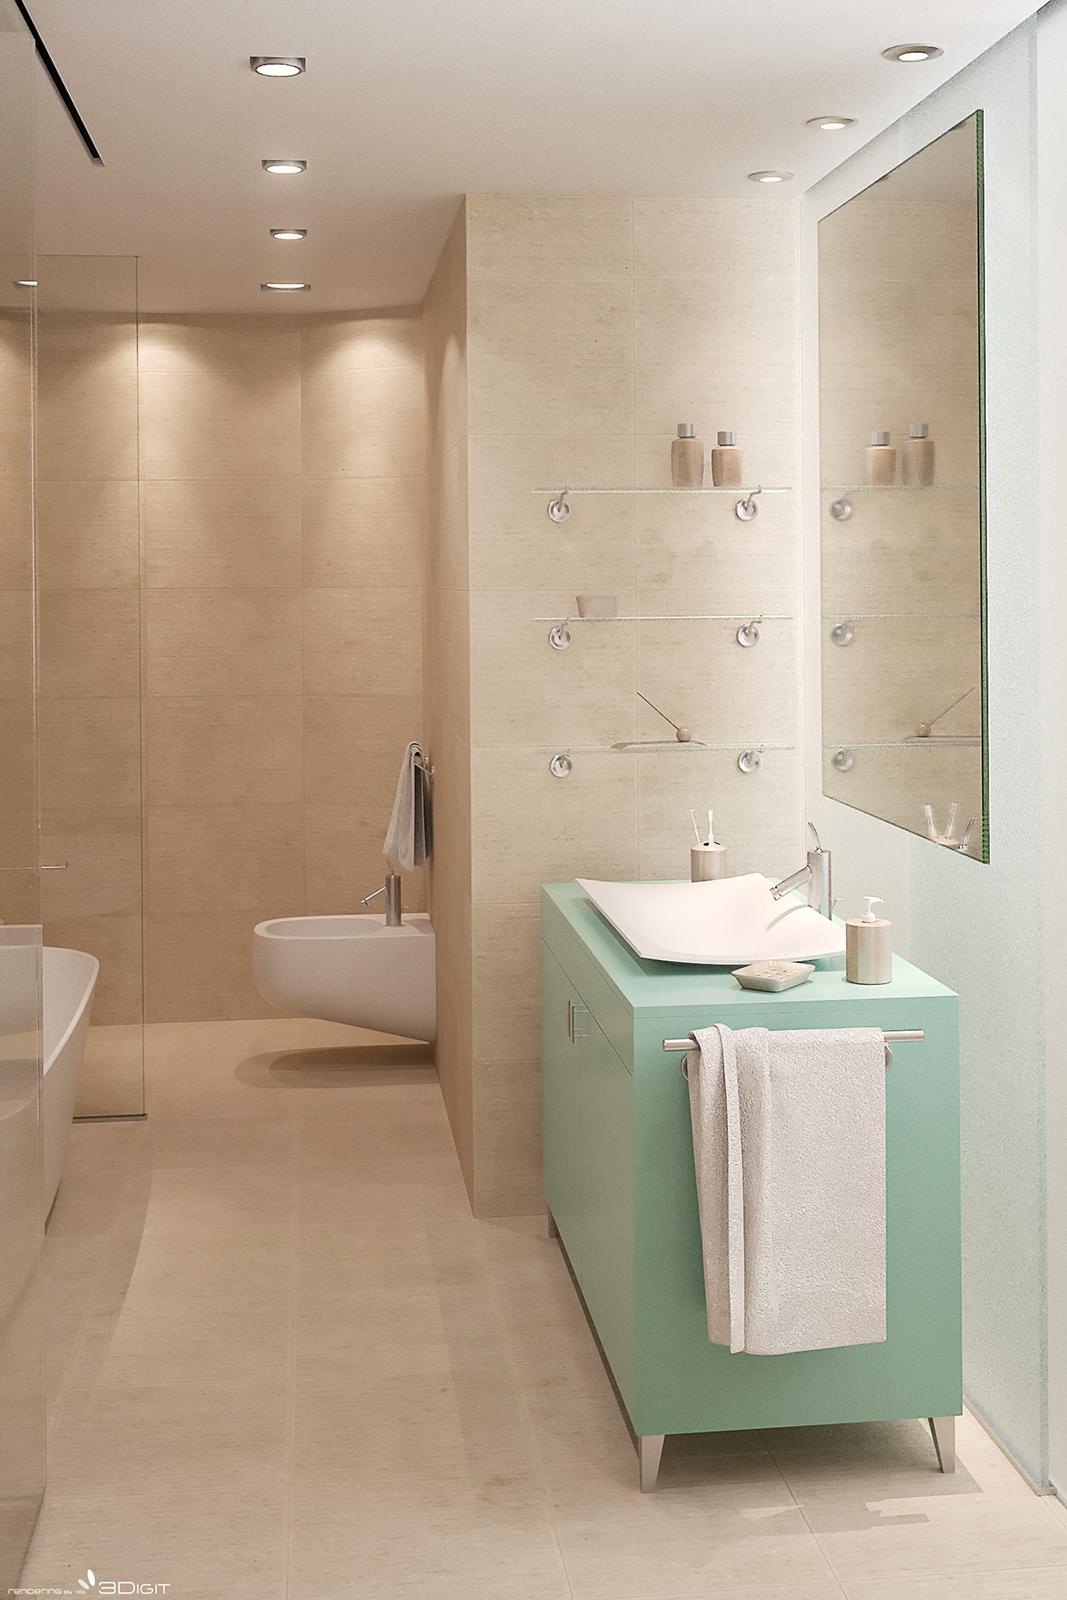 3Digit   Rendering di stanza da bagno a Venezia